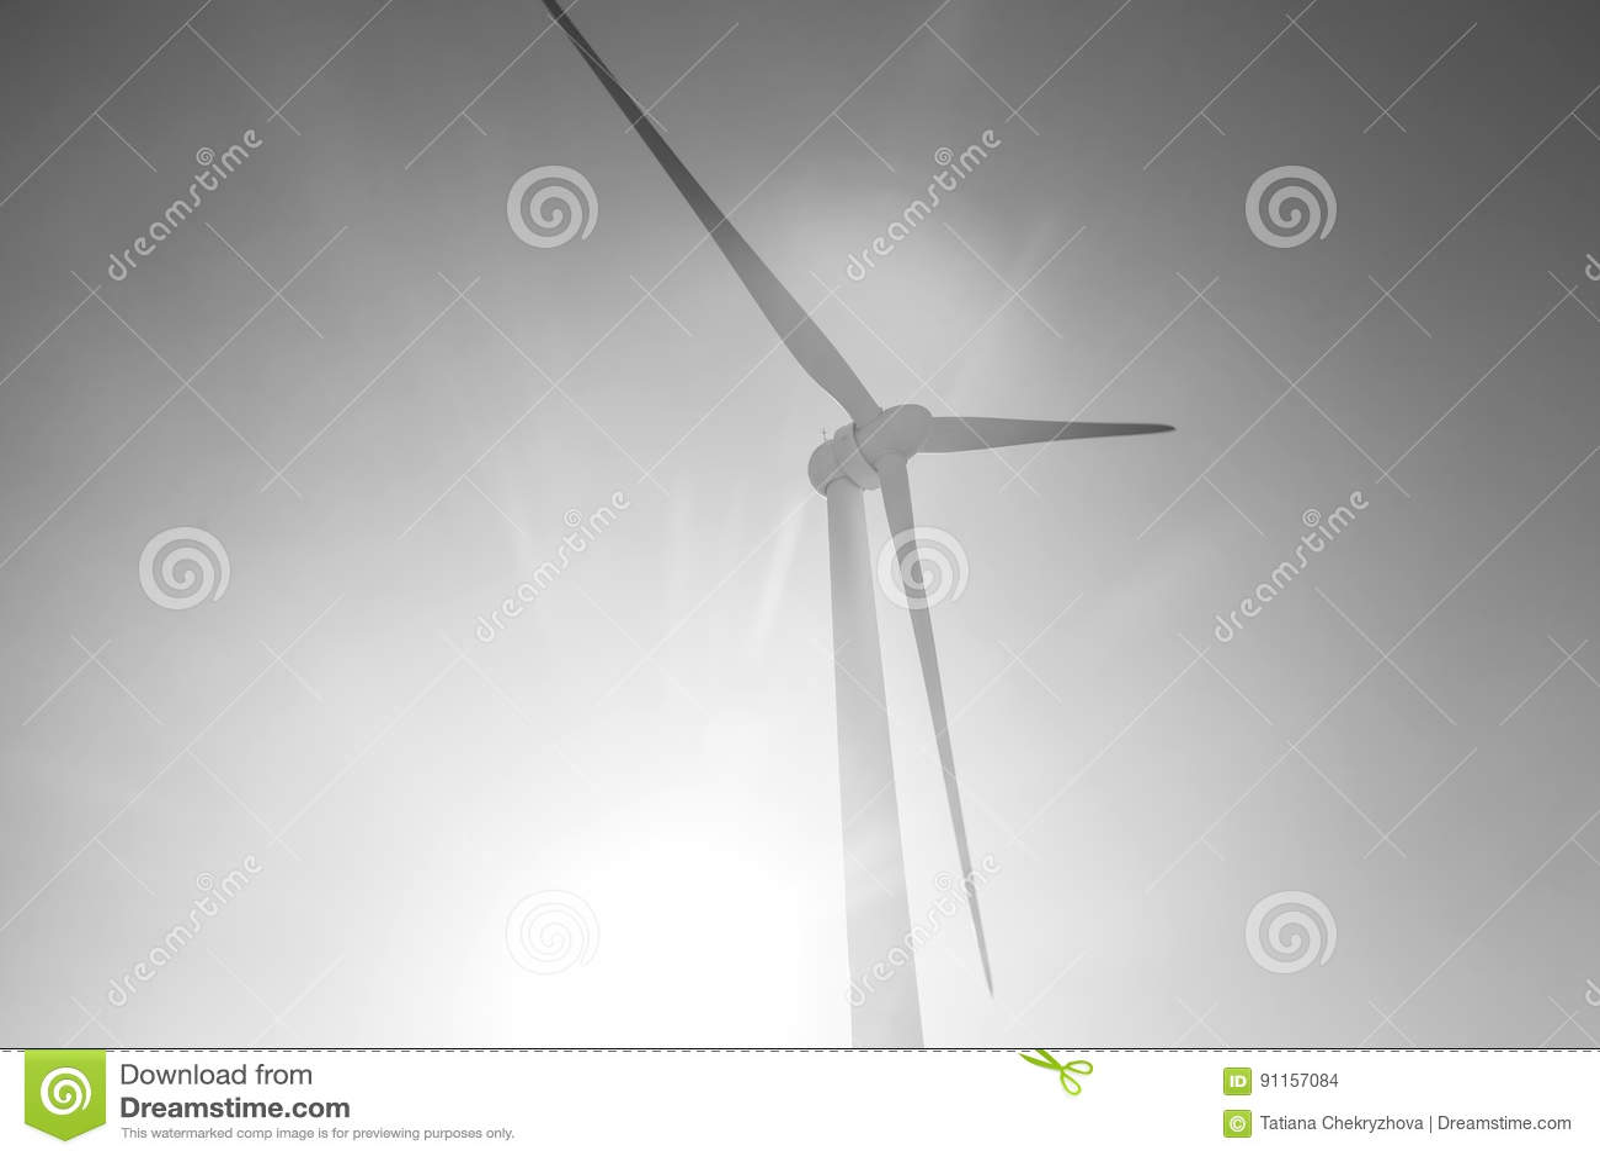 Ветротурбины производя электричество с голубым небом - концепцию сбережений энергии